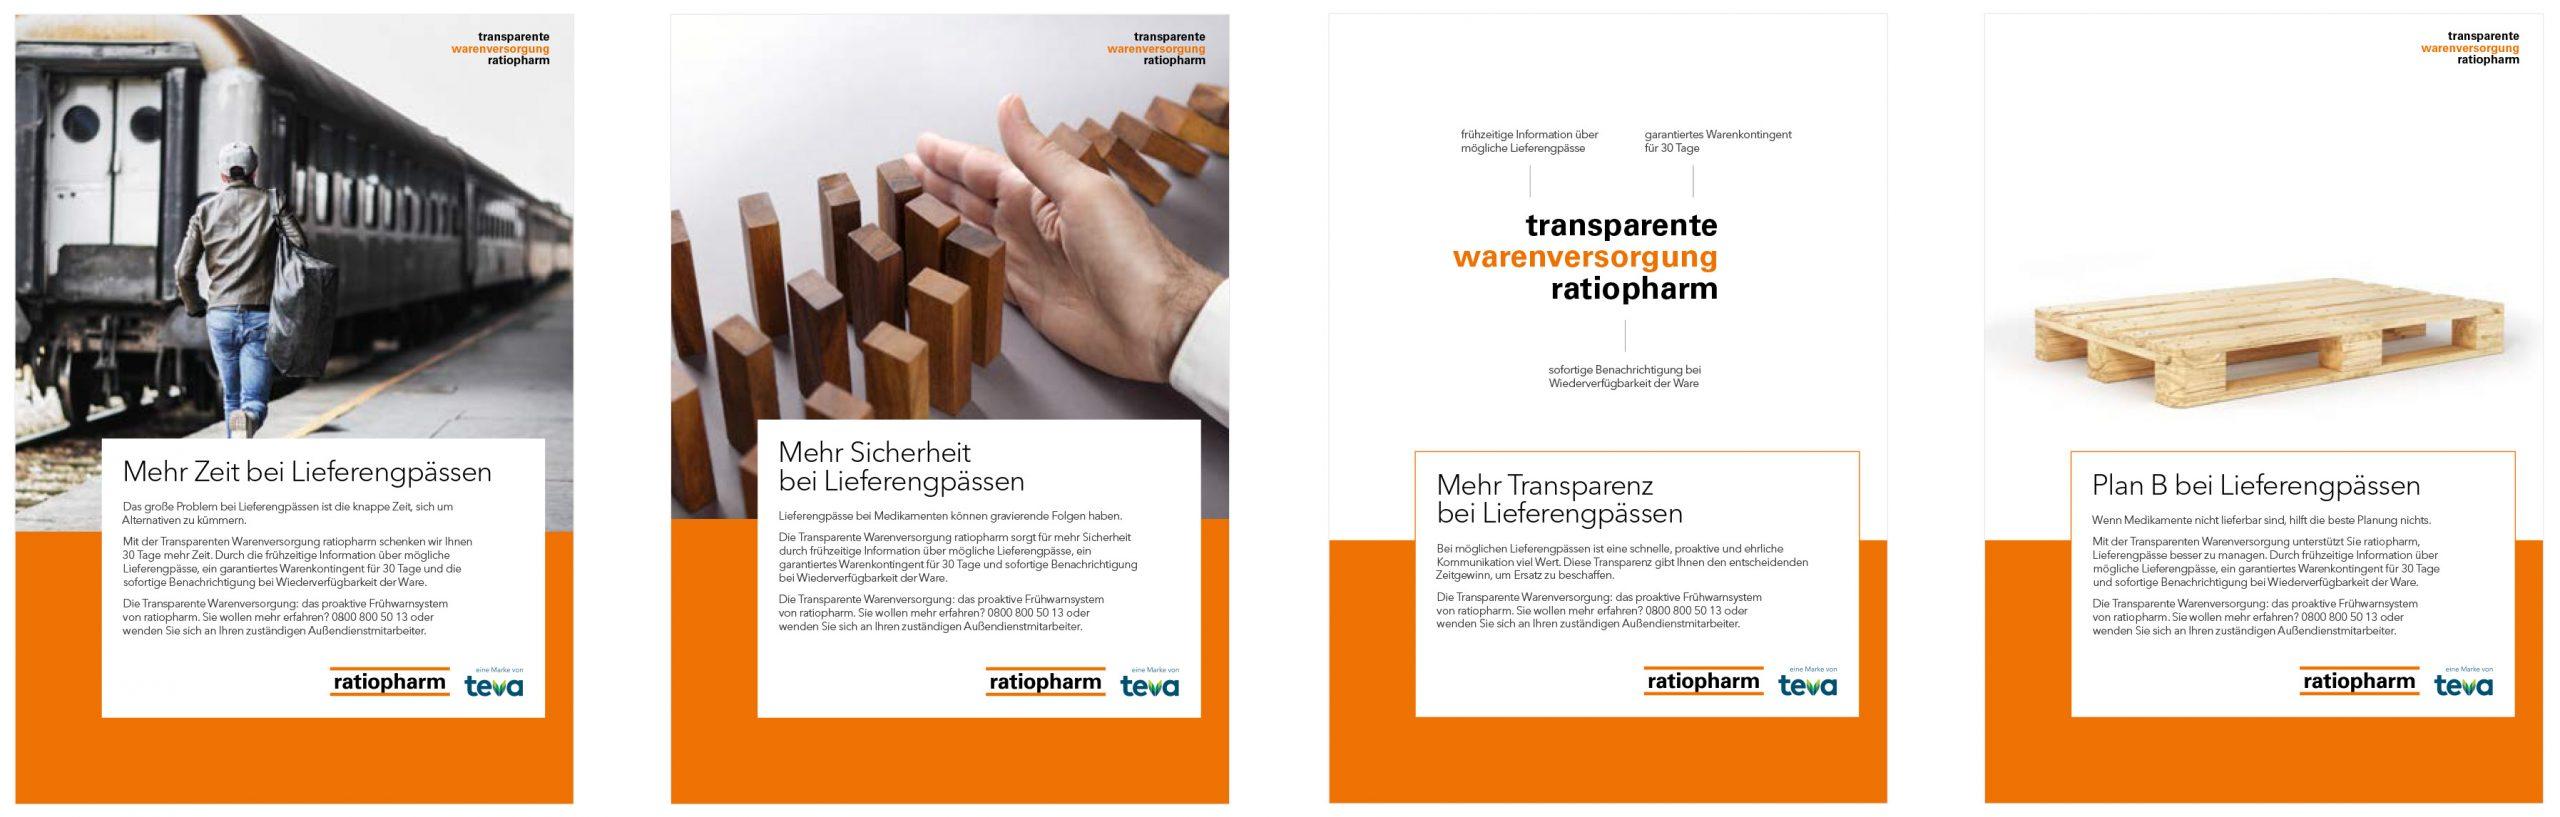 pharma werbung wegener transparente warenversorgung ratiopharm anzeigen